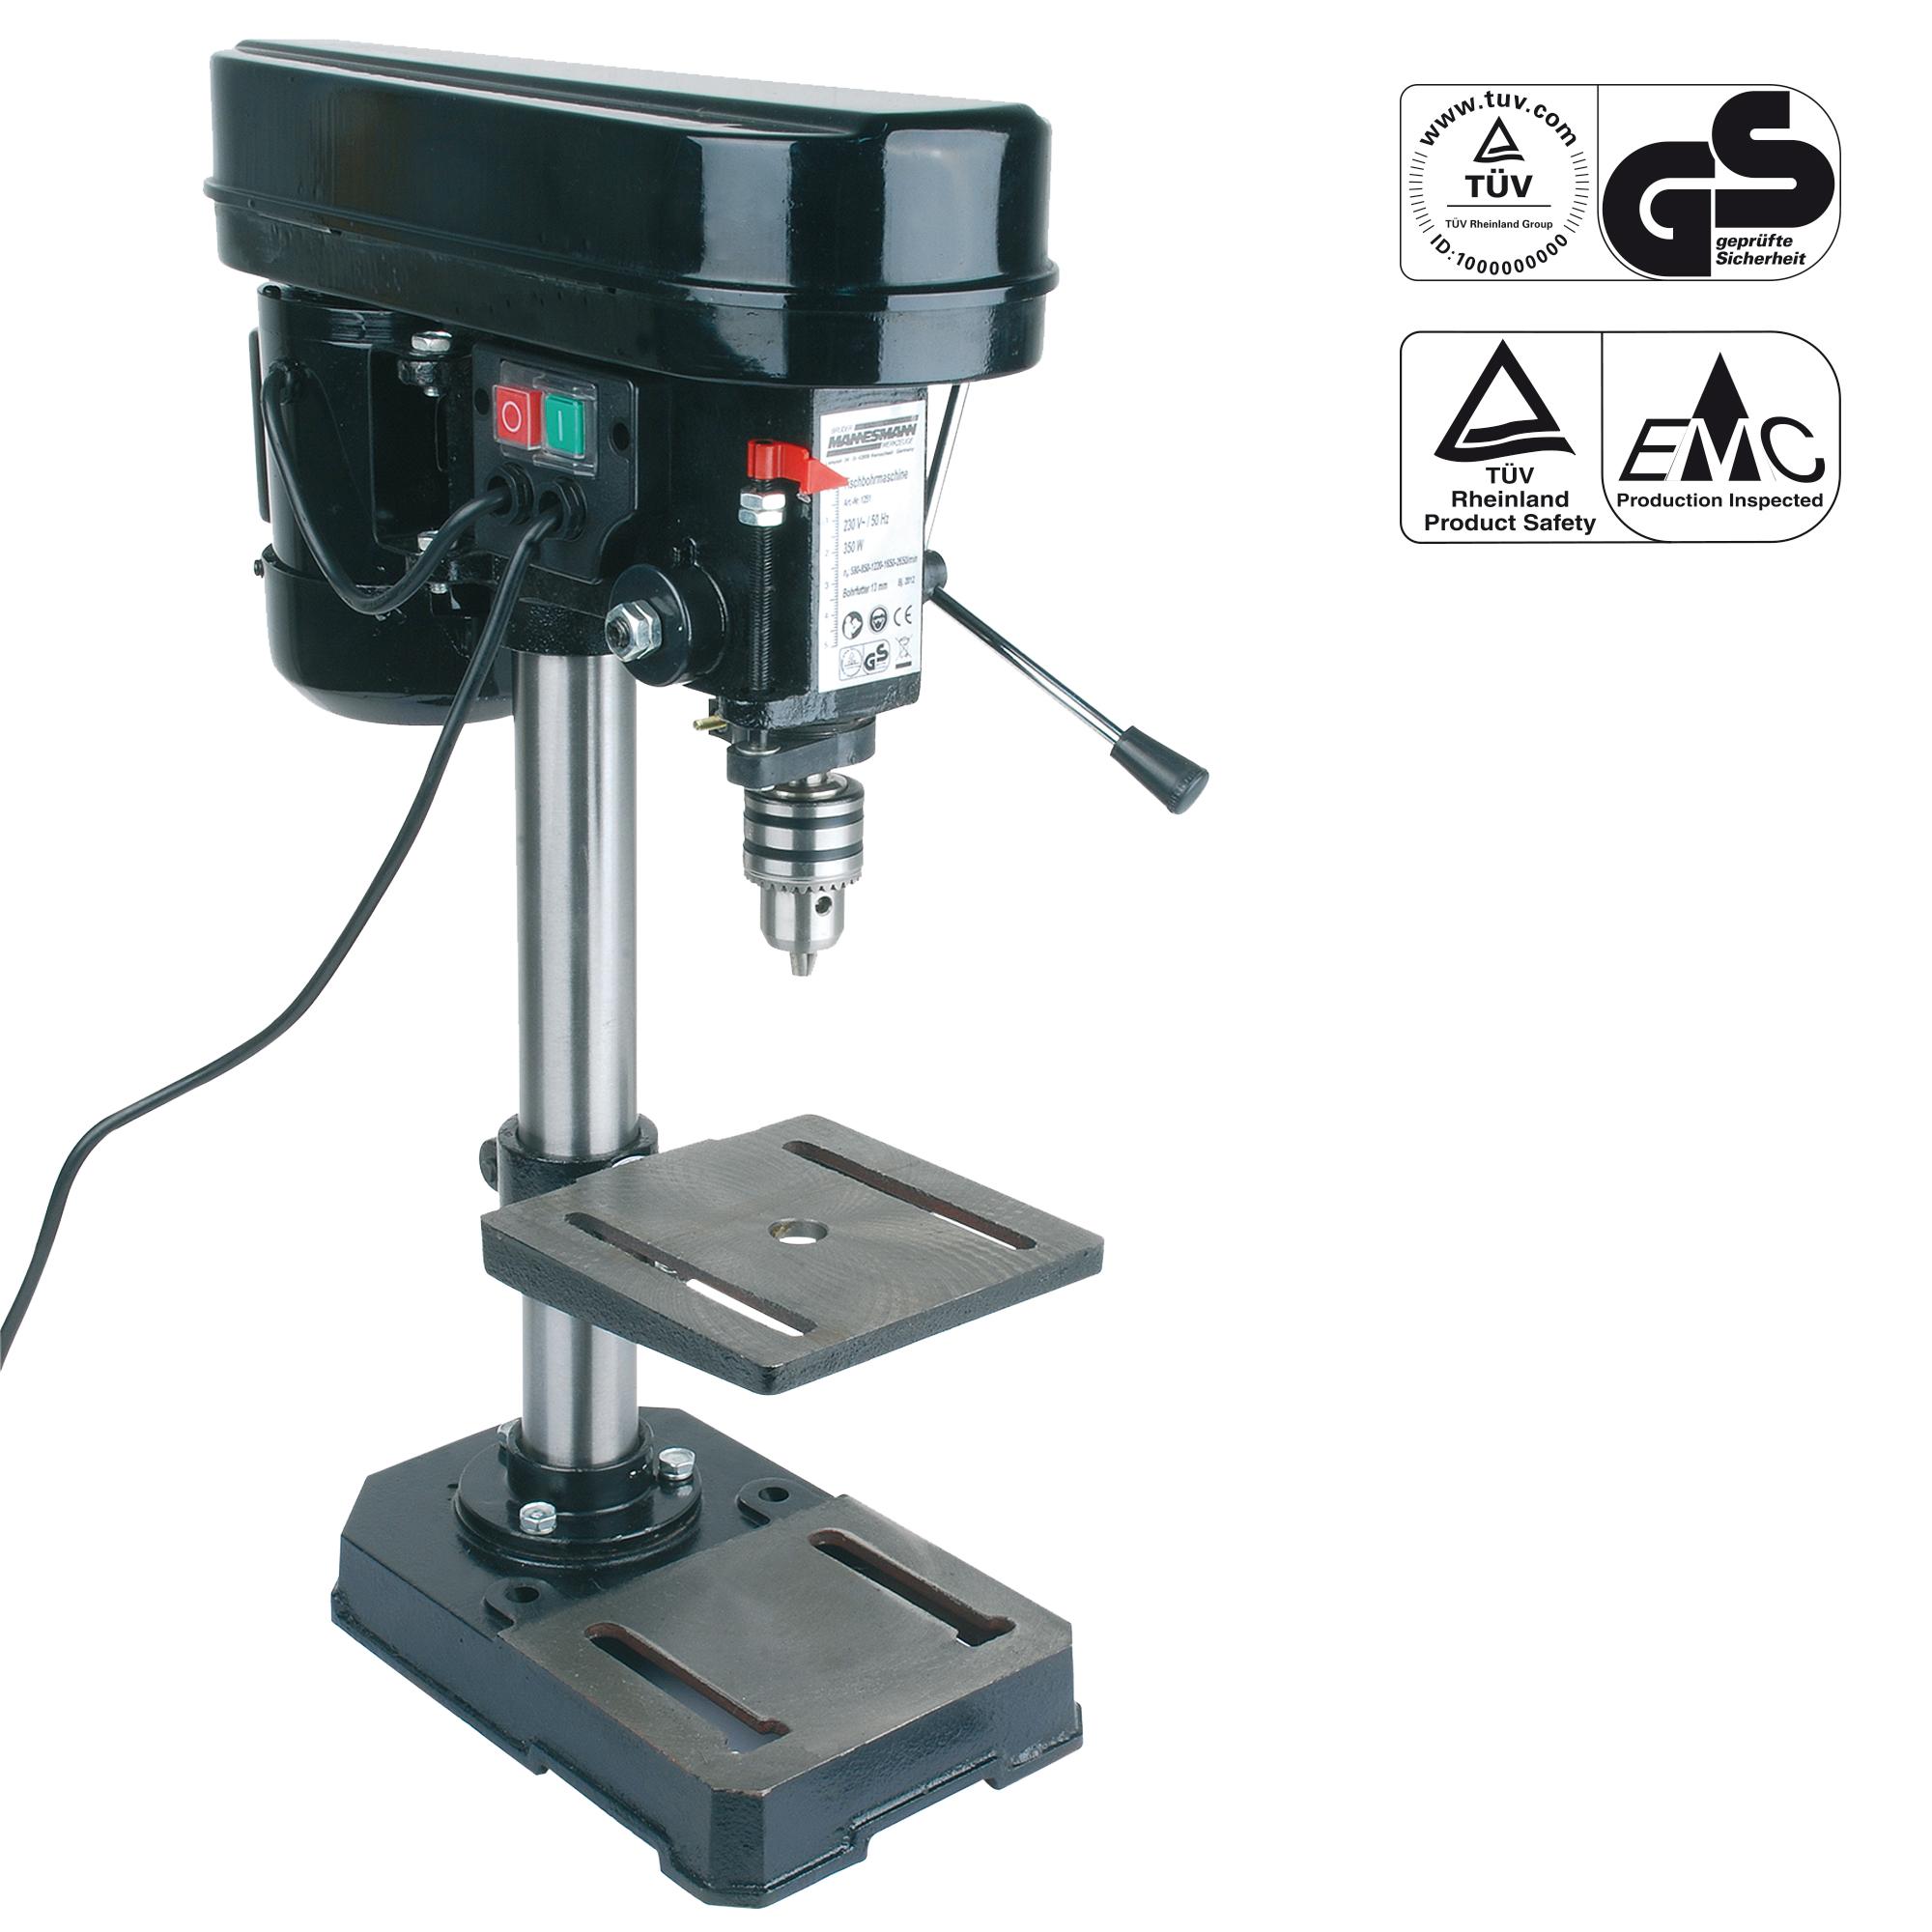 Säulenbohrmaschine mit Nullspannungsschalter